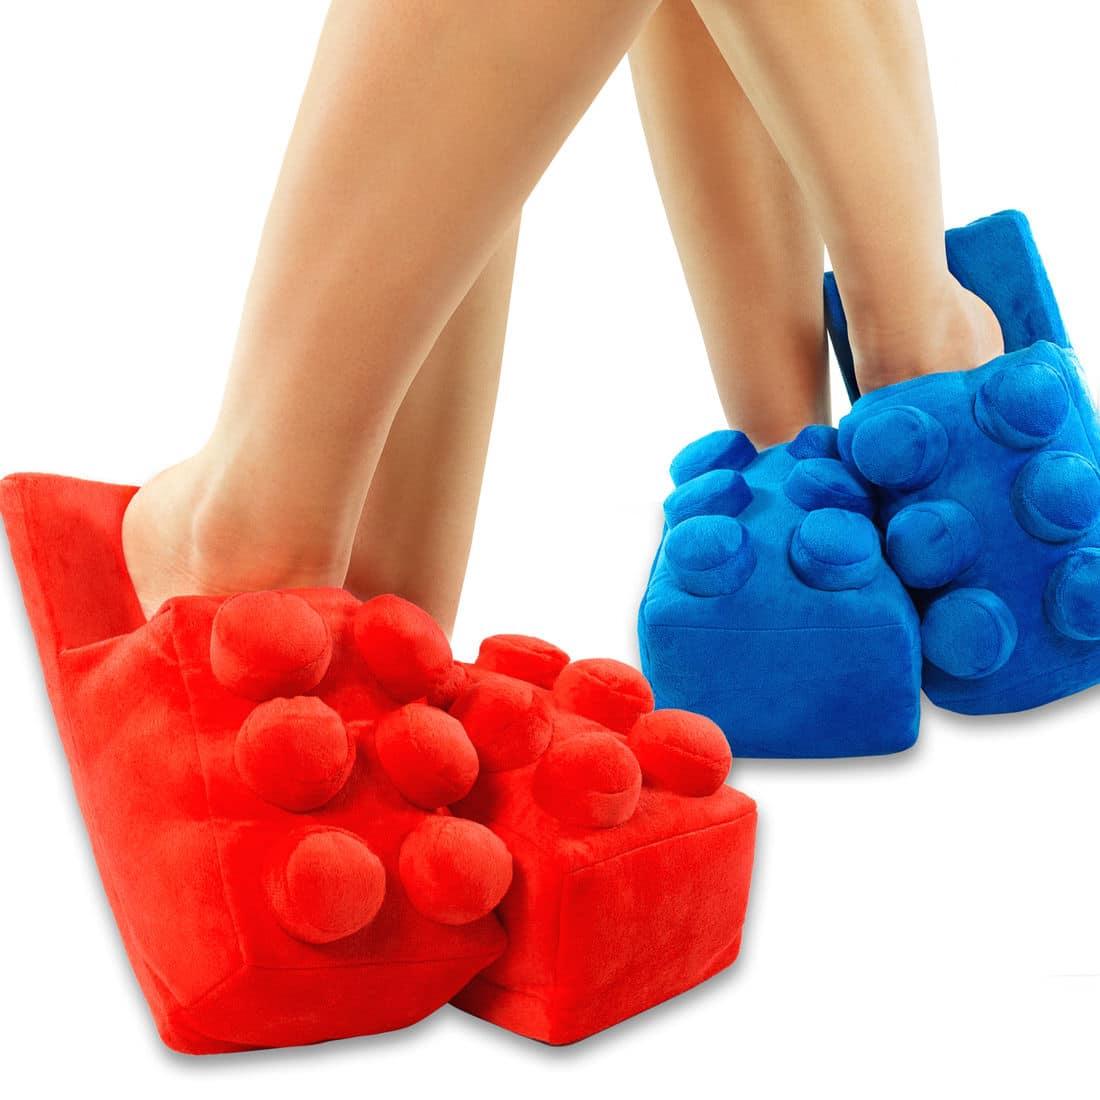 lego ist nur spielzeug falsch tragt die kleinen baukl tzchen als stylische hausschuhe. Black Bedroom Furniture Sets. Home Design Ideas